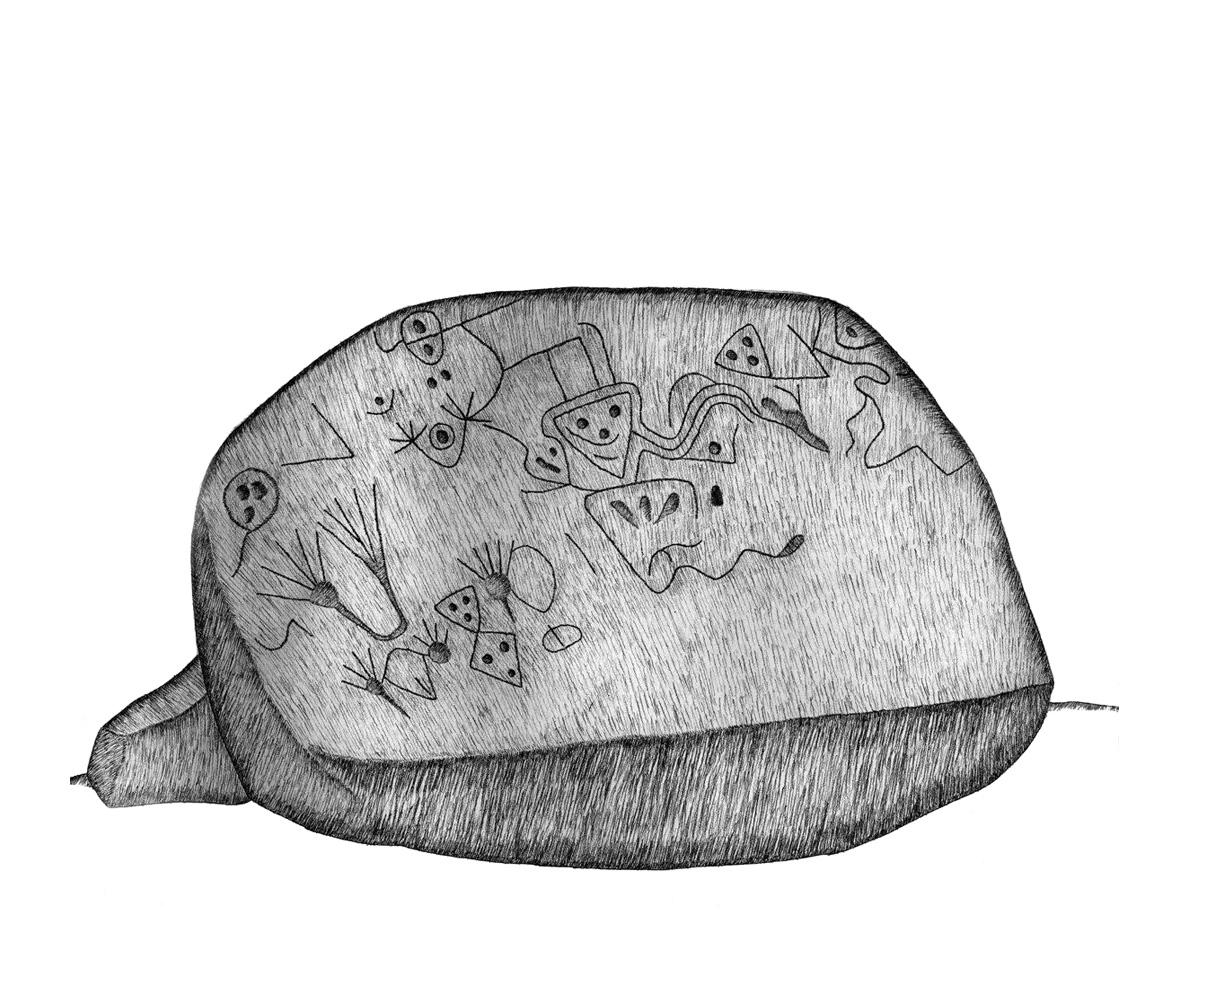 """Piedra Grabada con """"Manos"""" y """"Serpientes"""" - Fuente: http://puebloescultor.org/bibliotecaenpiedra/as1"""